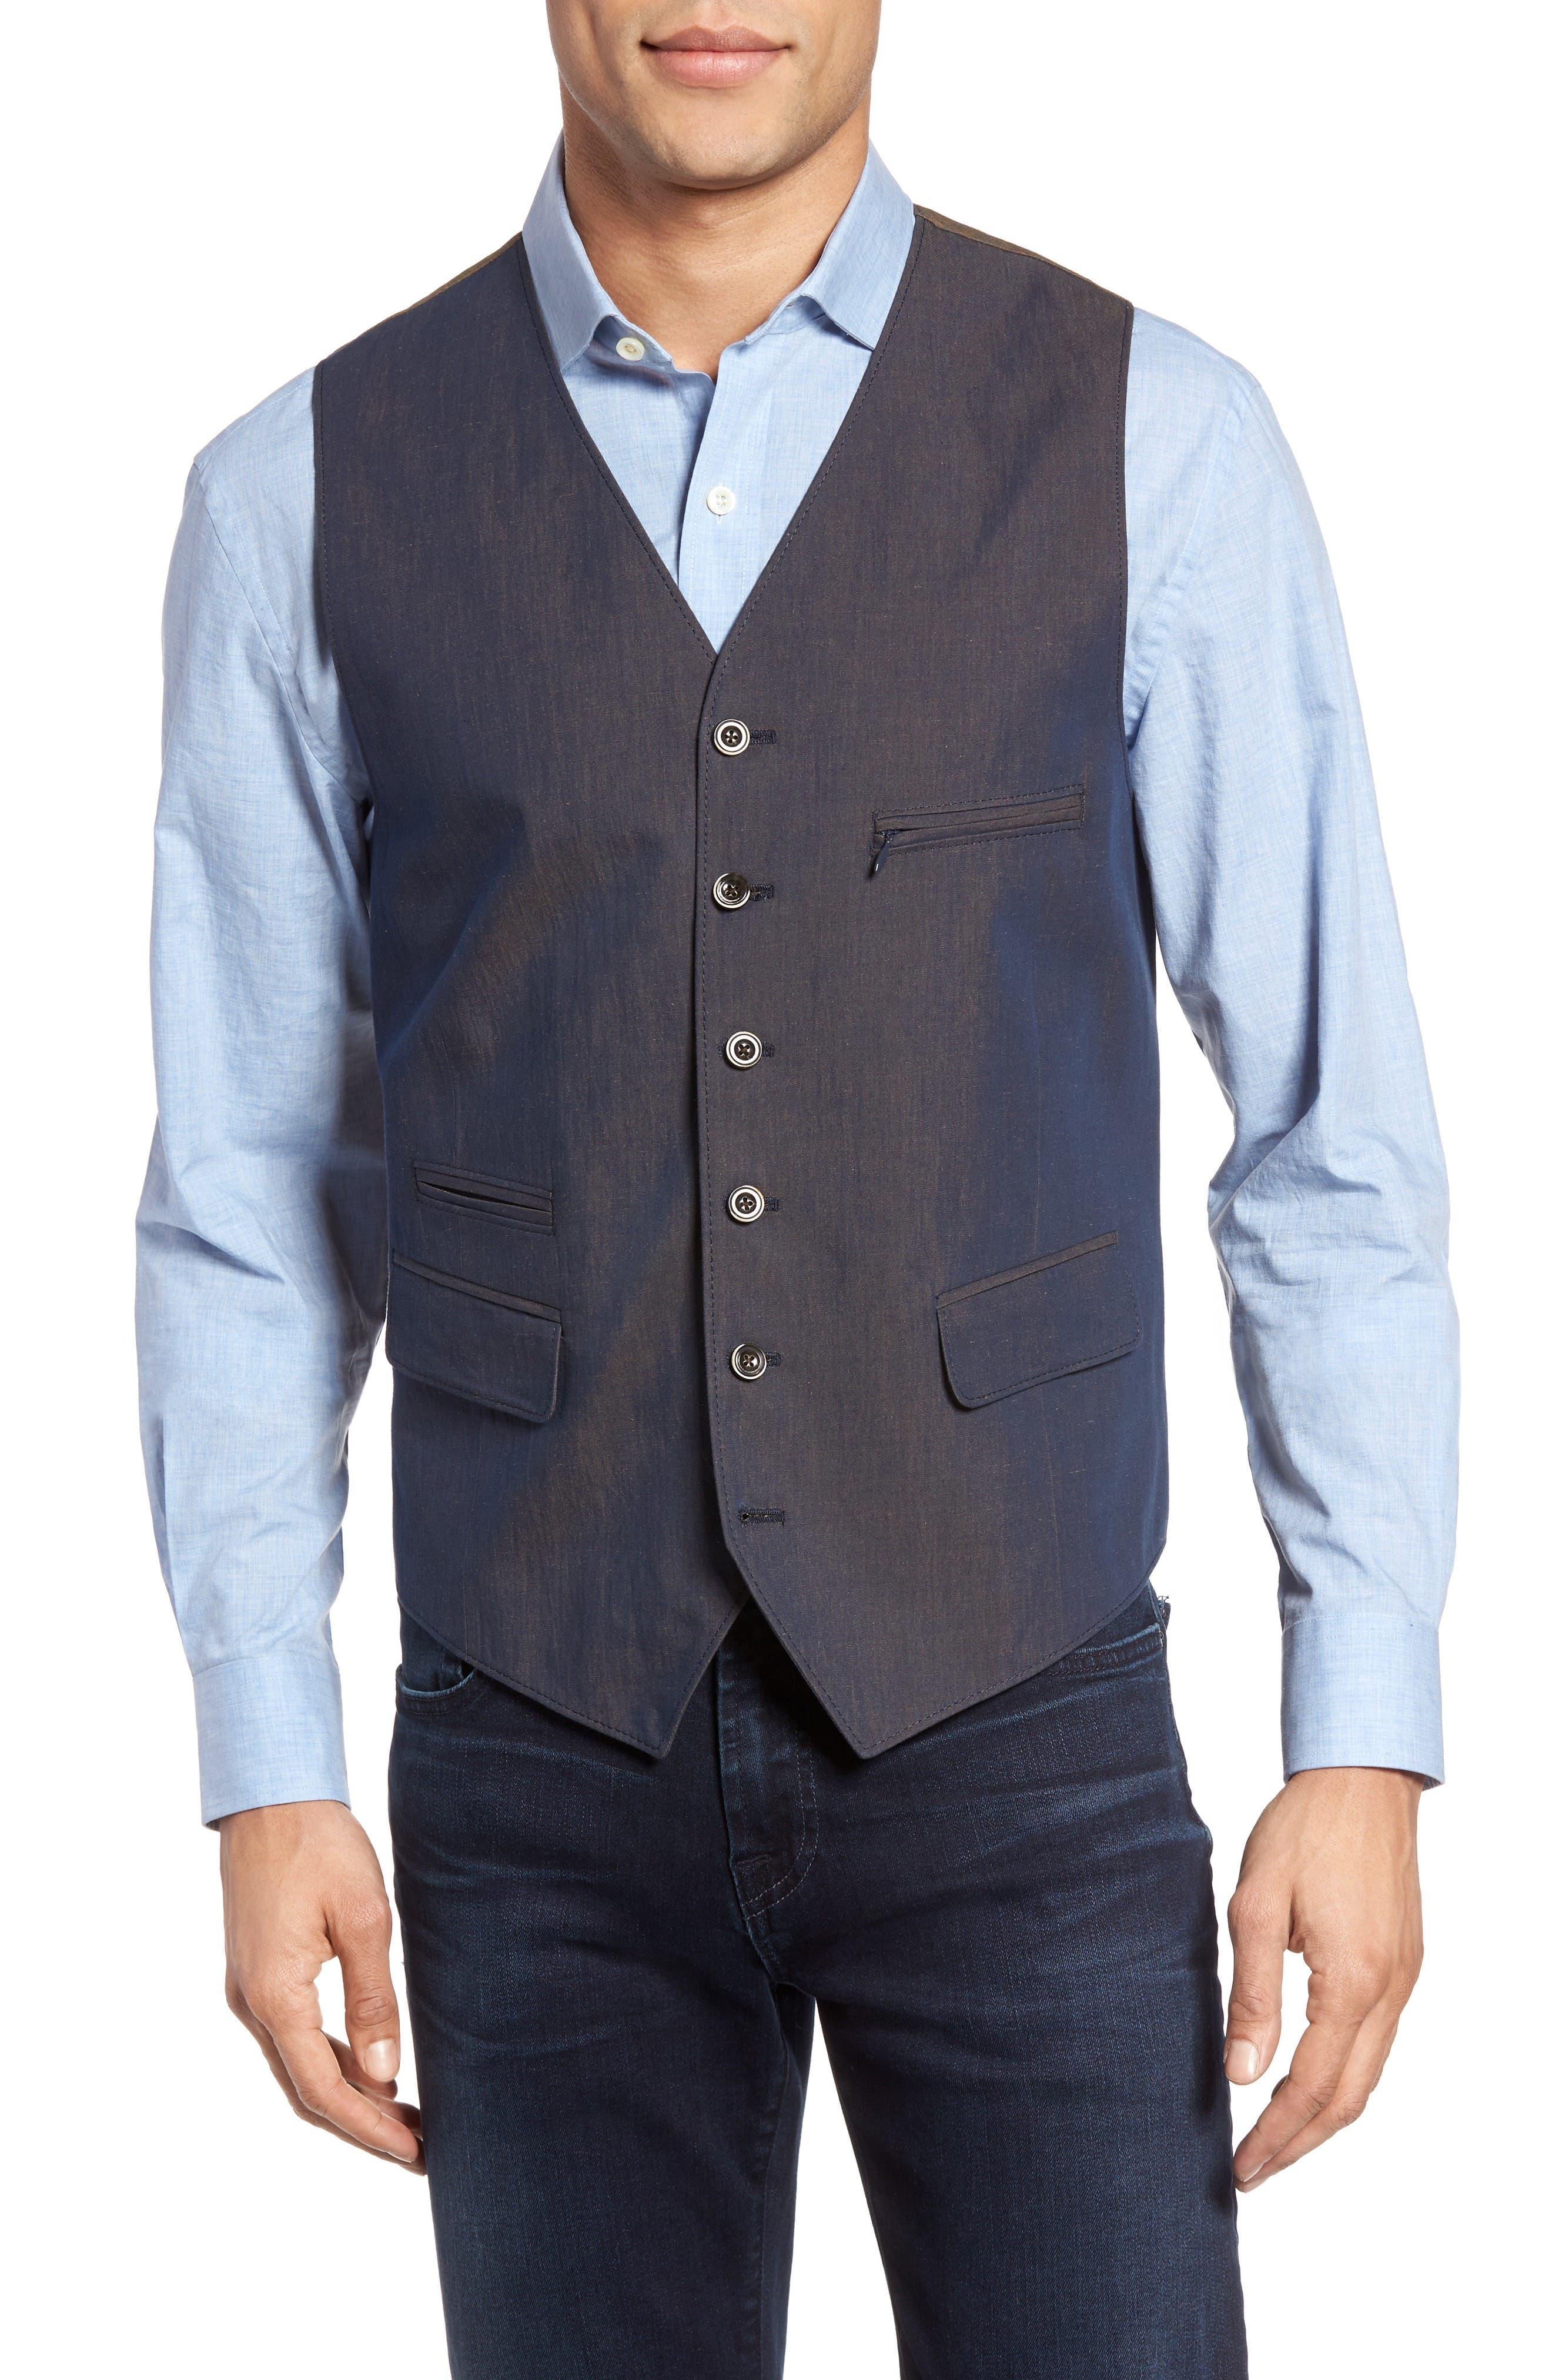 Hootie Classic Fit Linen & Cotton Vest,                             Main thumbnail 1, color,